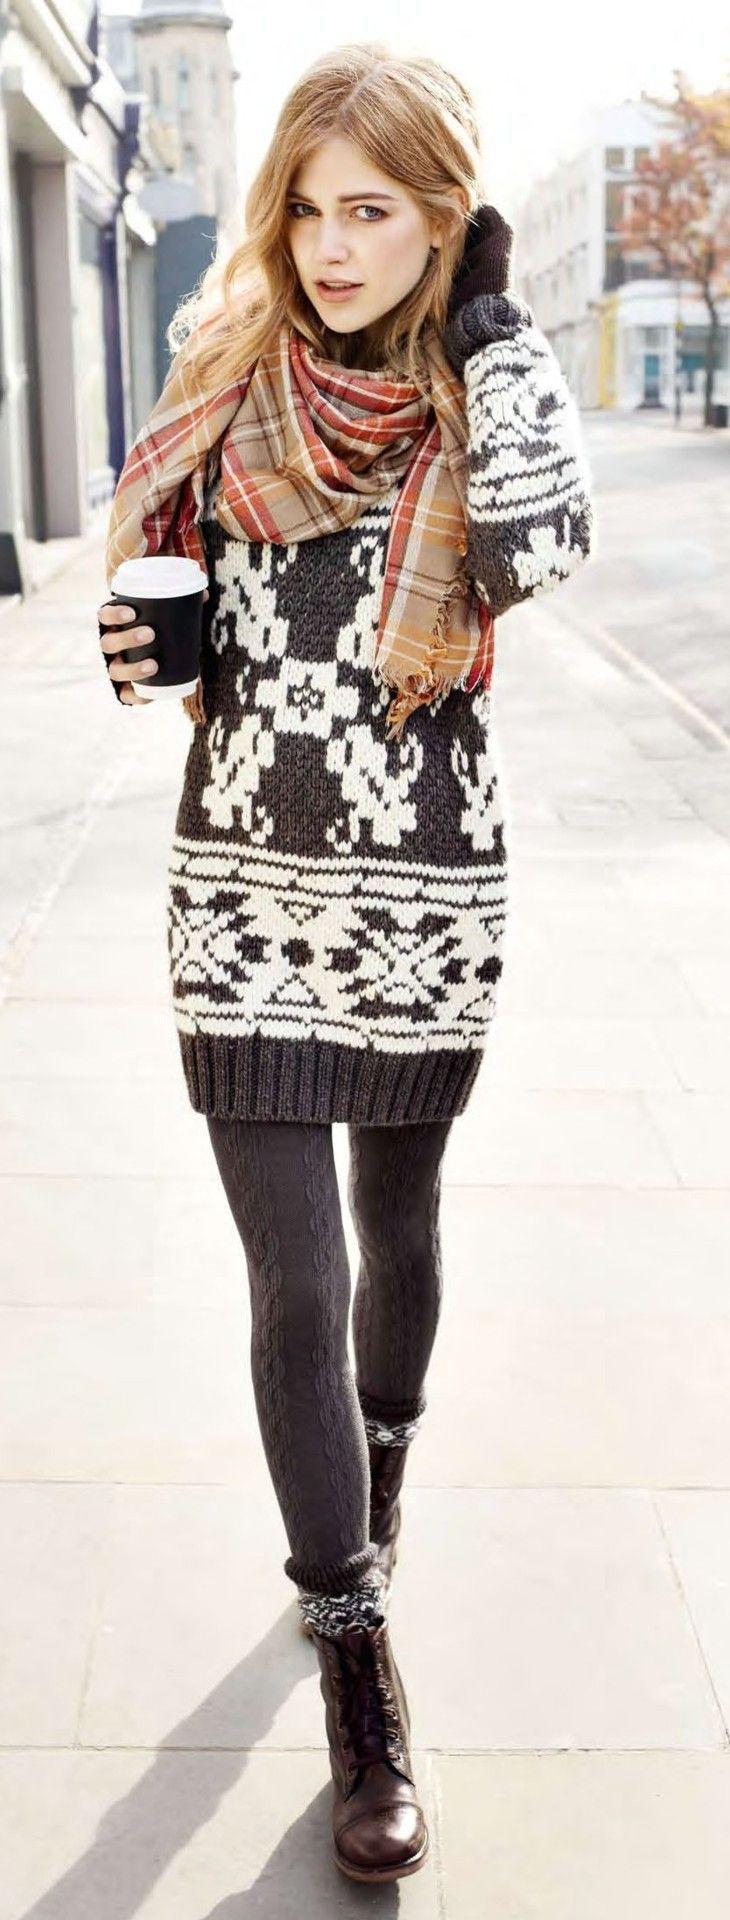 5 astuces pour s'habiller quand il fait froid | Bien habillée